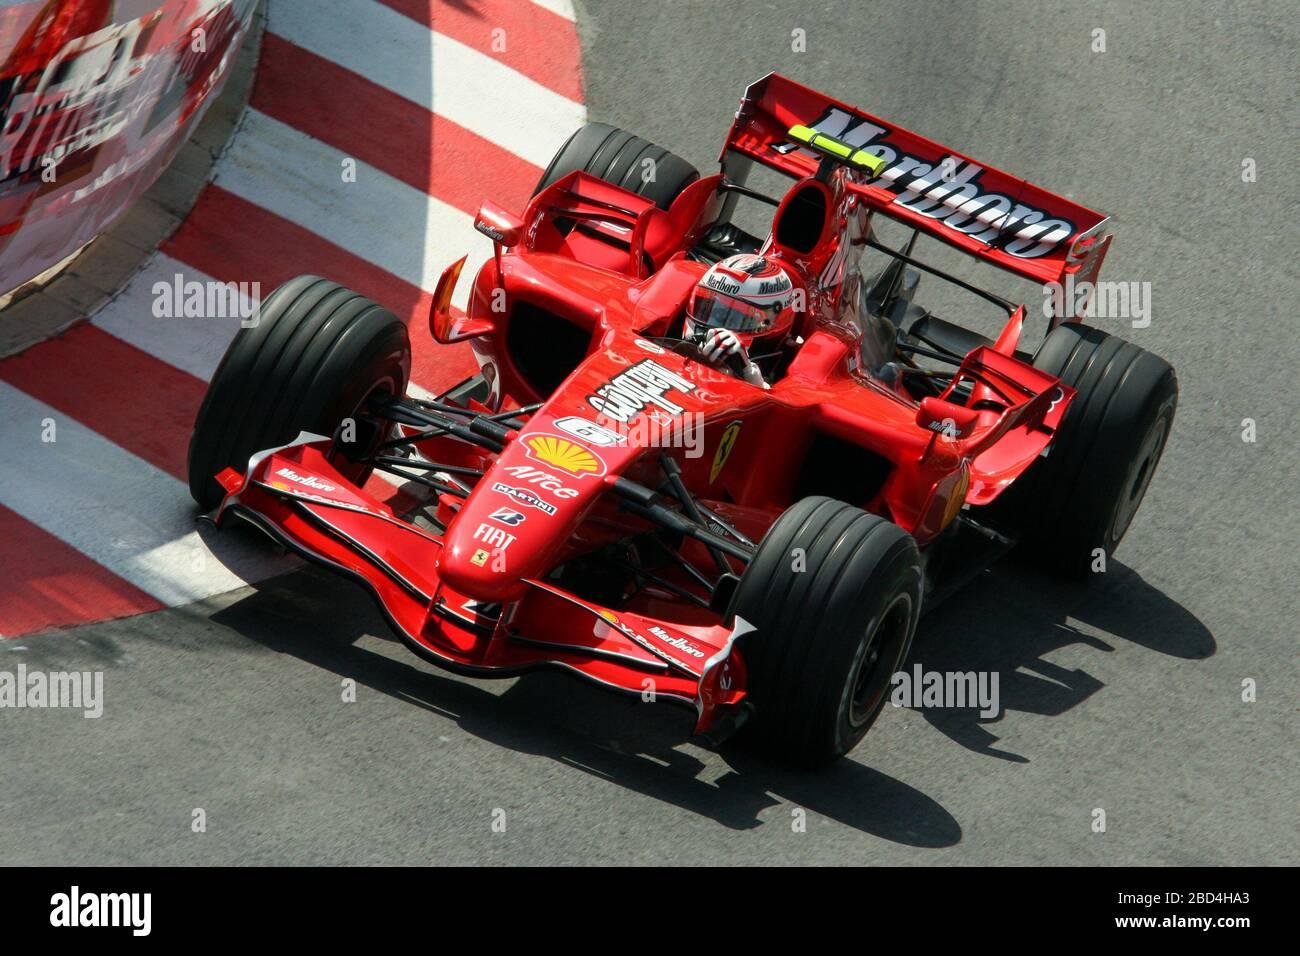 Kimi Raikkonen, Ferrari F2007, Monaco GP 2007, Montecarlo Banque D'Images